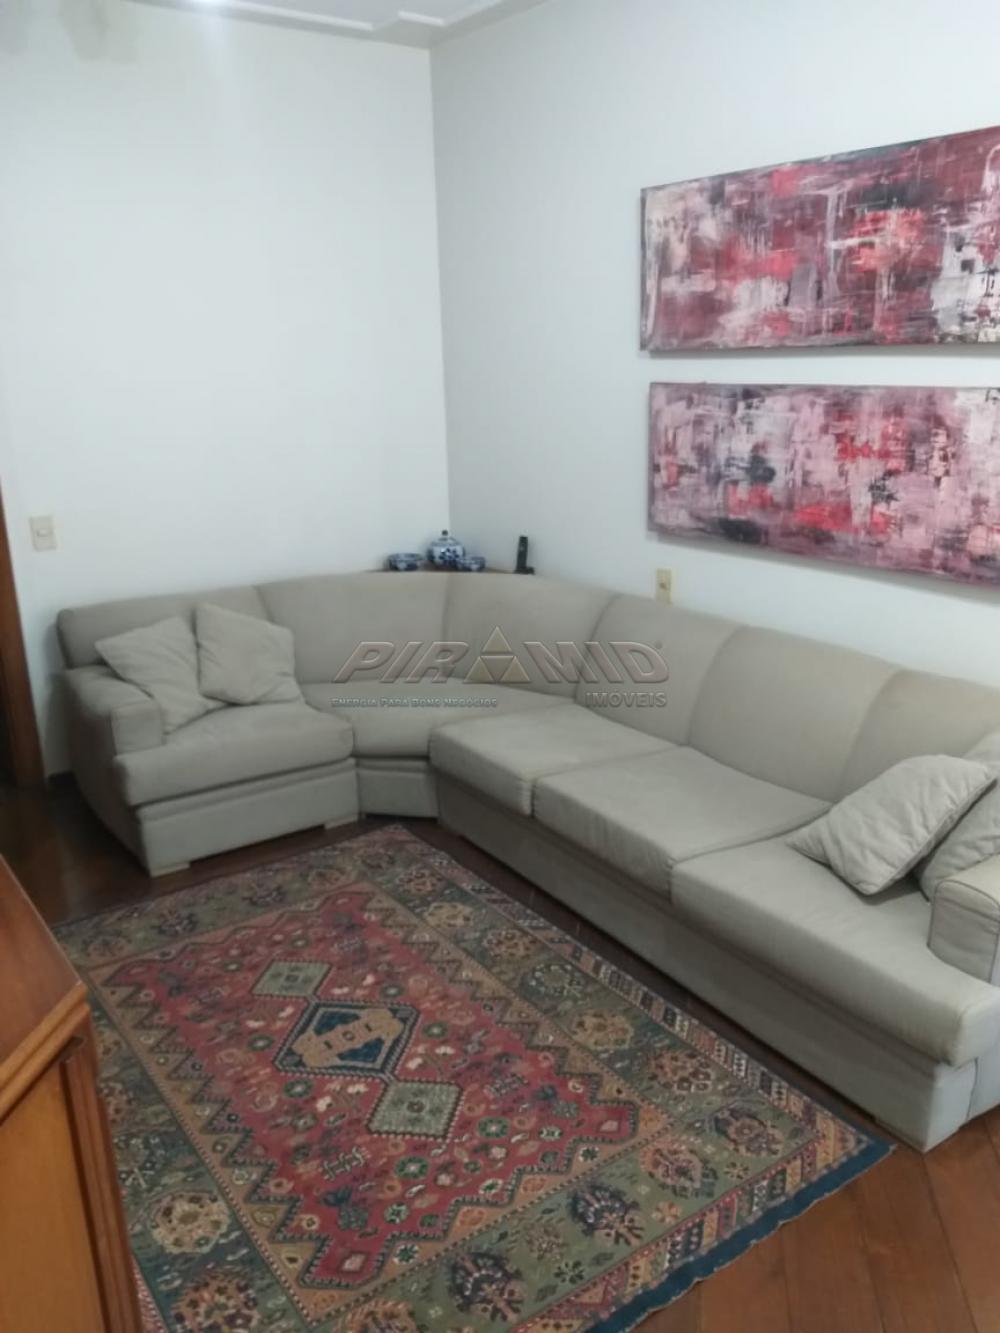 Comprar Apartamento / Padrão em Ribeirão Preto apenas R$ 680.000,00 - Foto 8